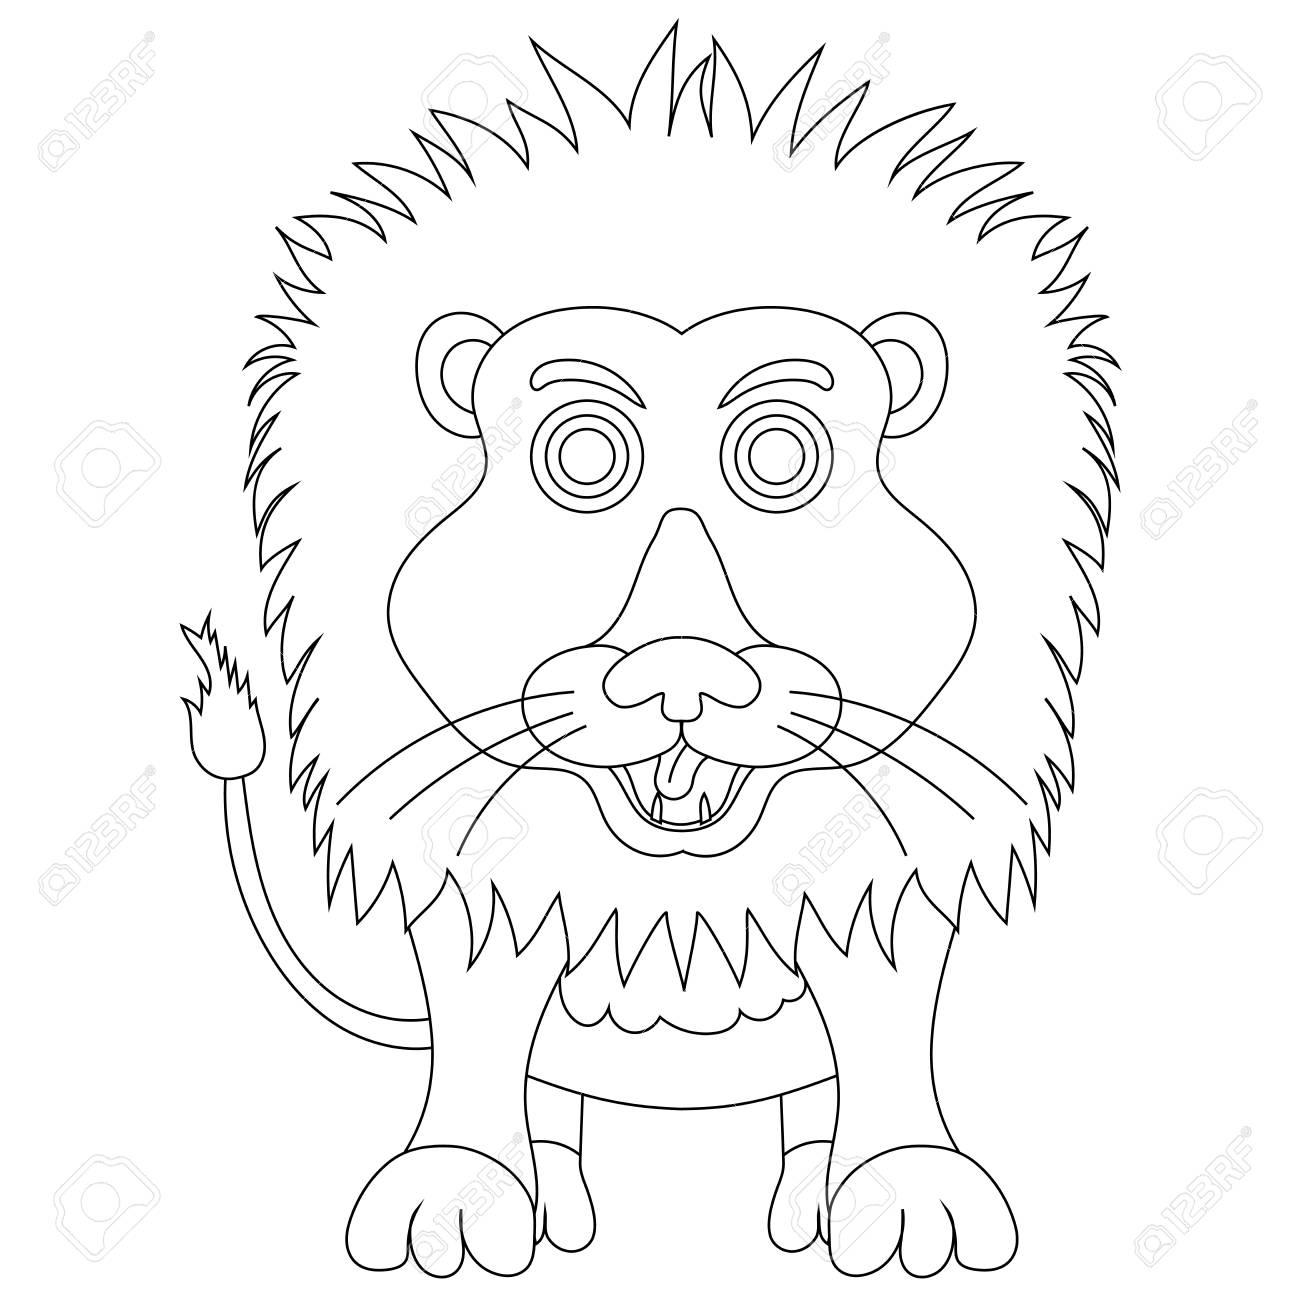 Vecteur Coloriage Dessin Animé Lion Mignon Sur Fond Blanc